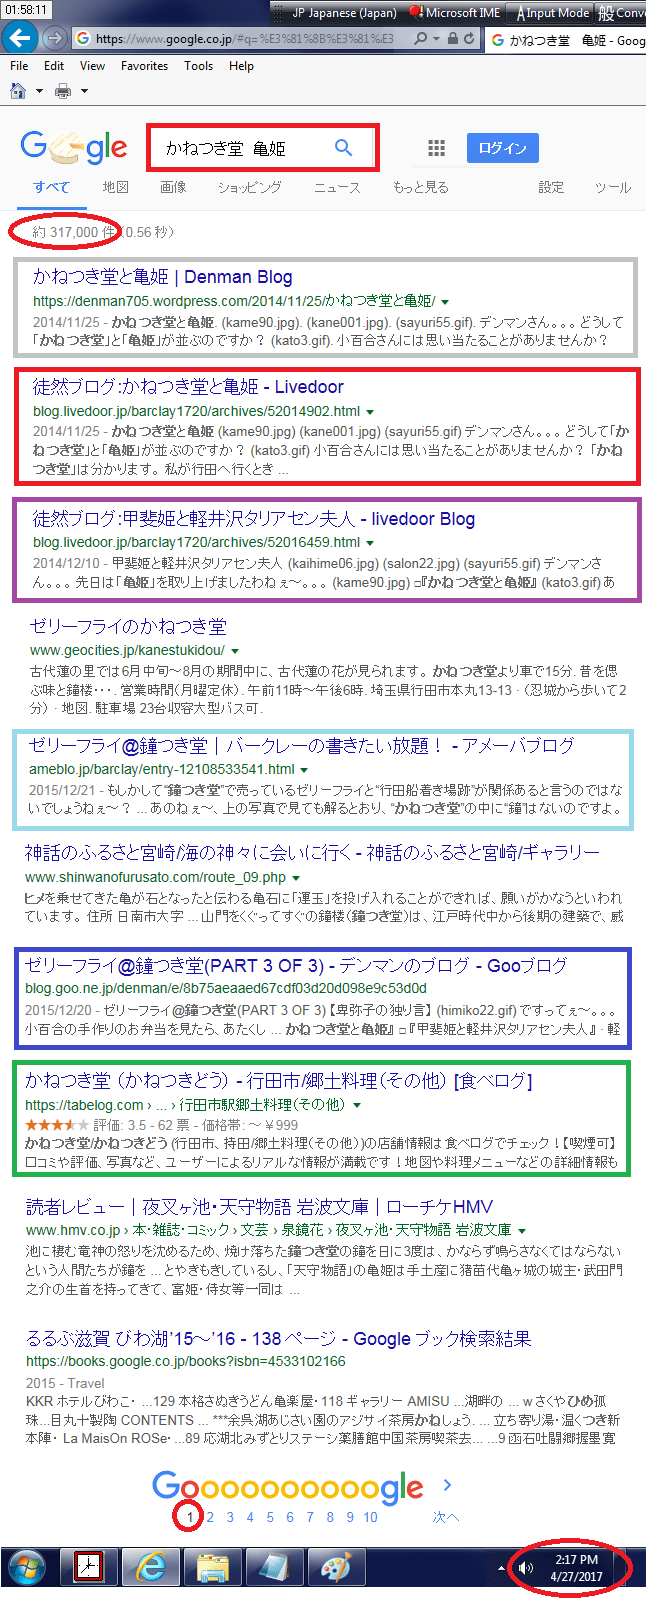 日本のGOOGLEで「かねつき堂 亀姫」と入れて検索した結果